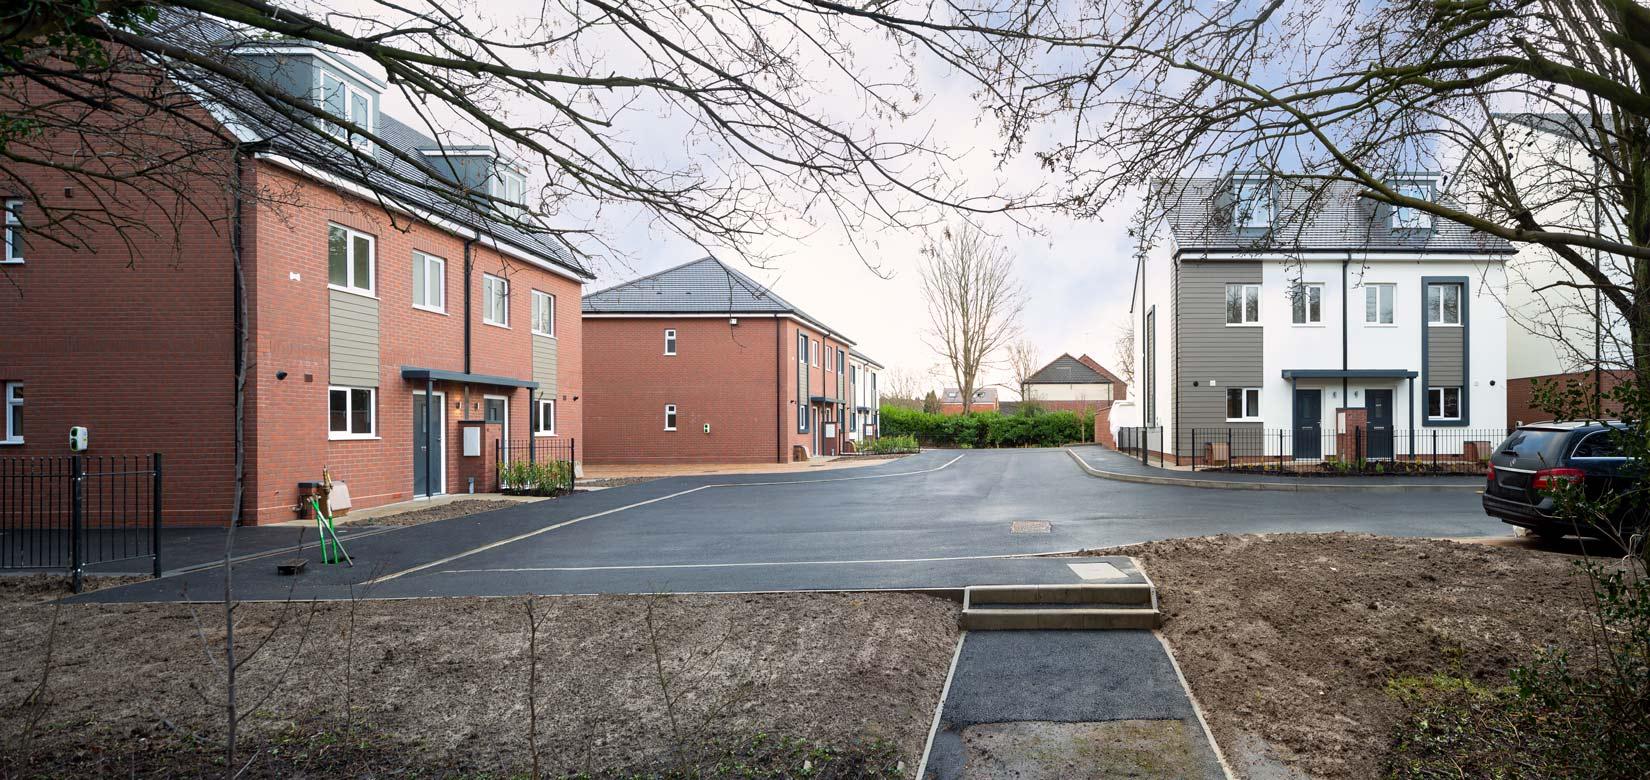 Heaton-court-council-housing-development-Chesterfield